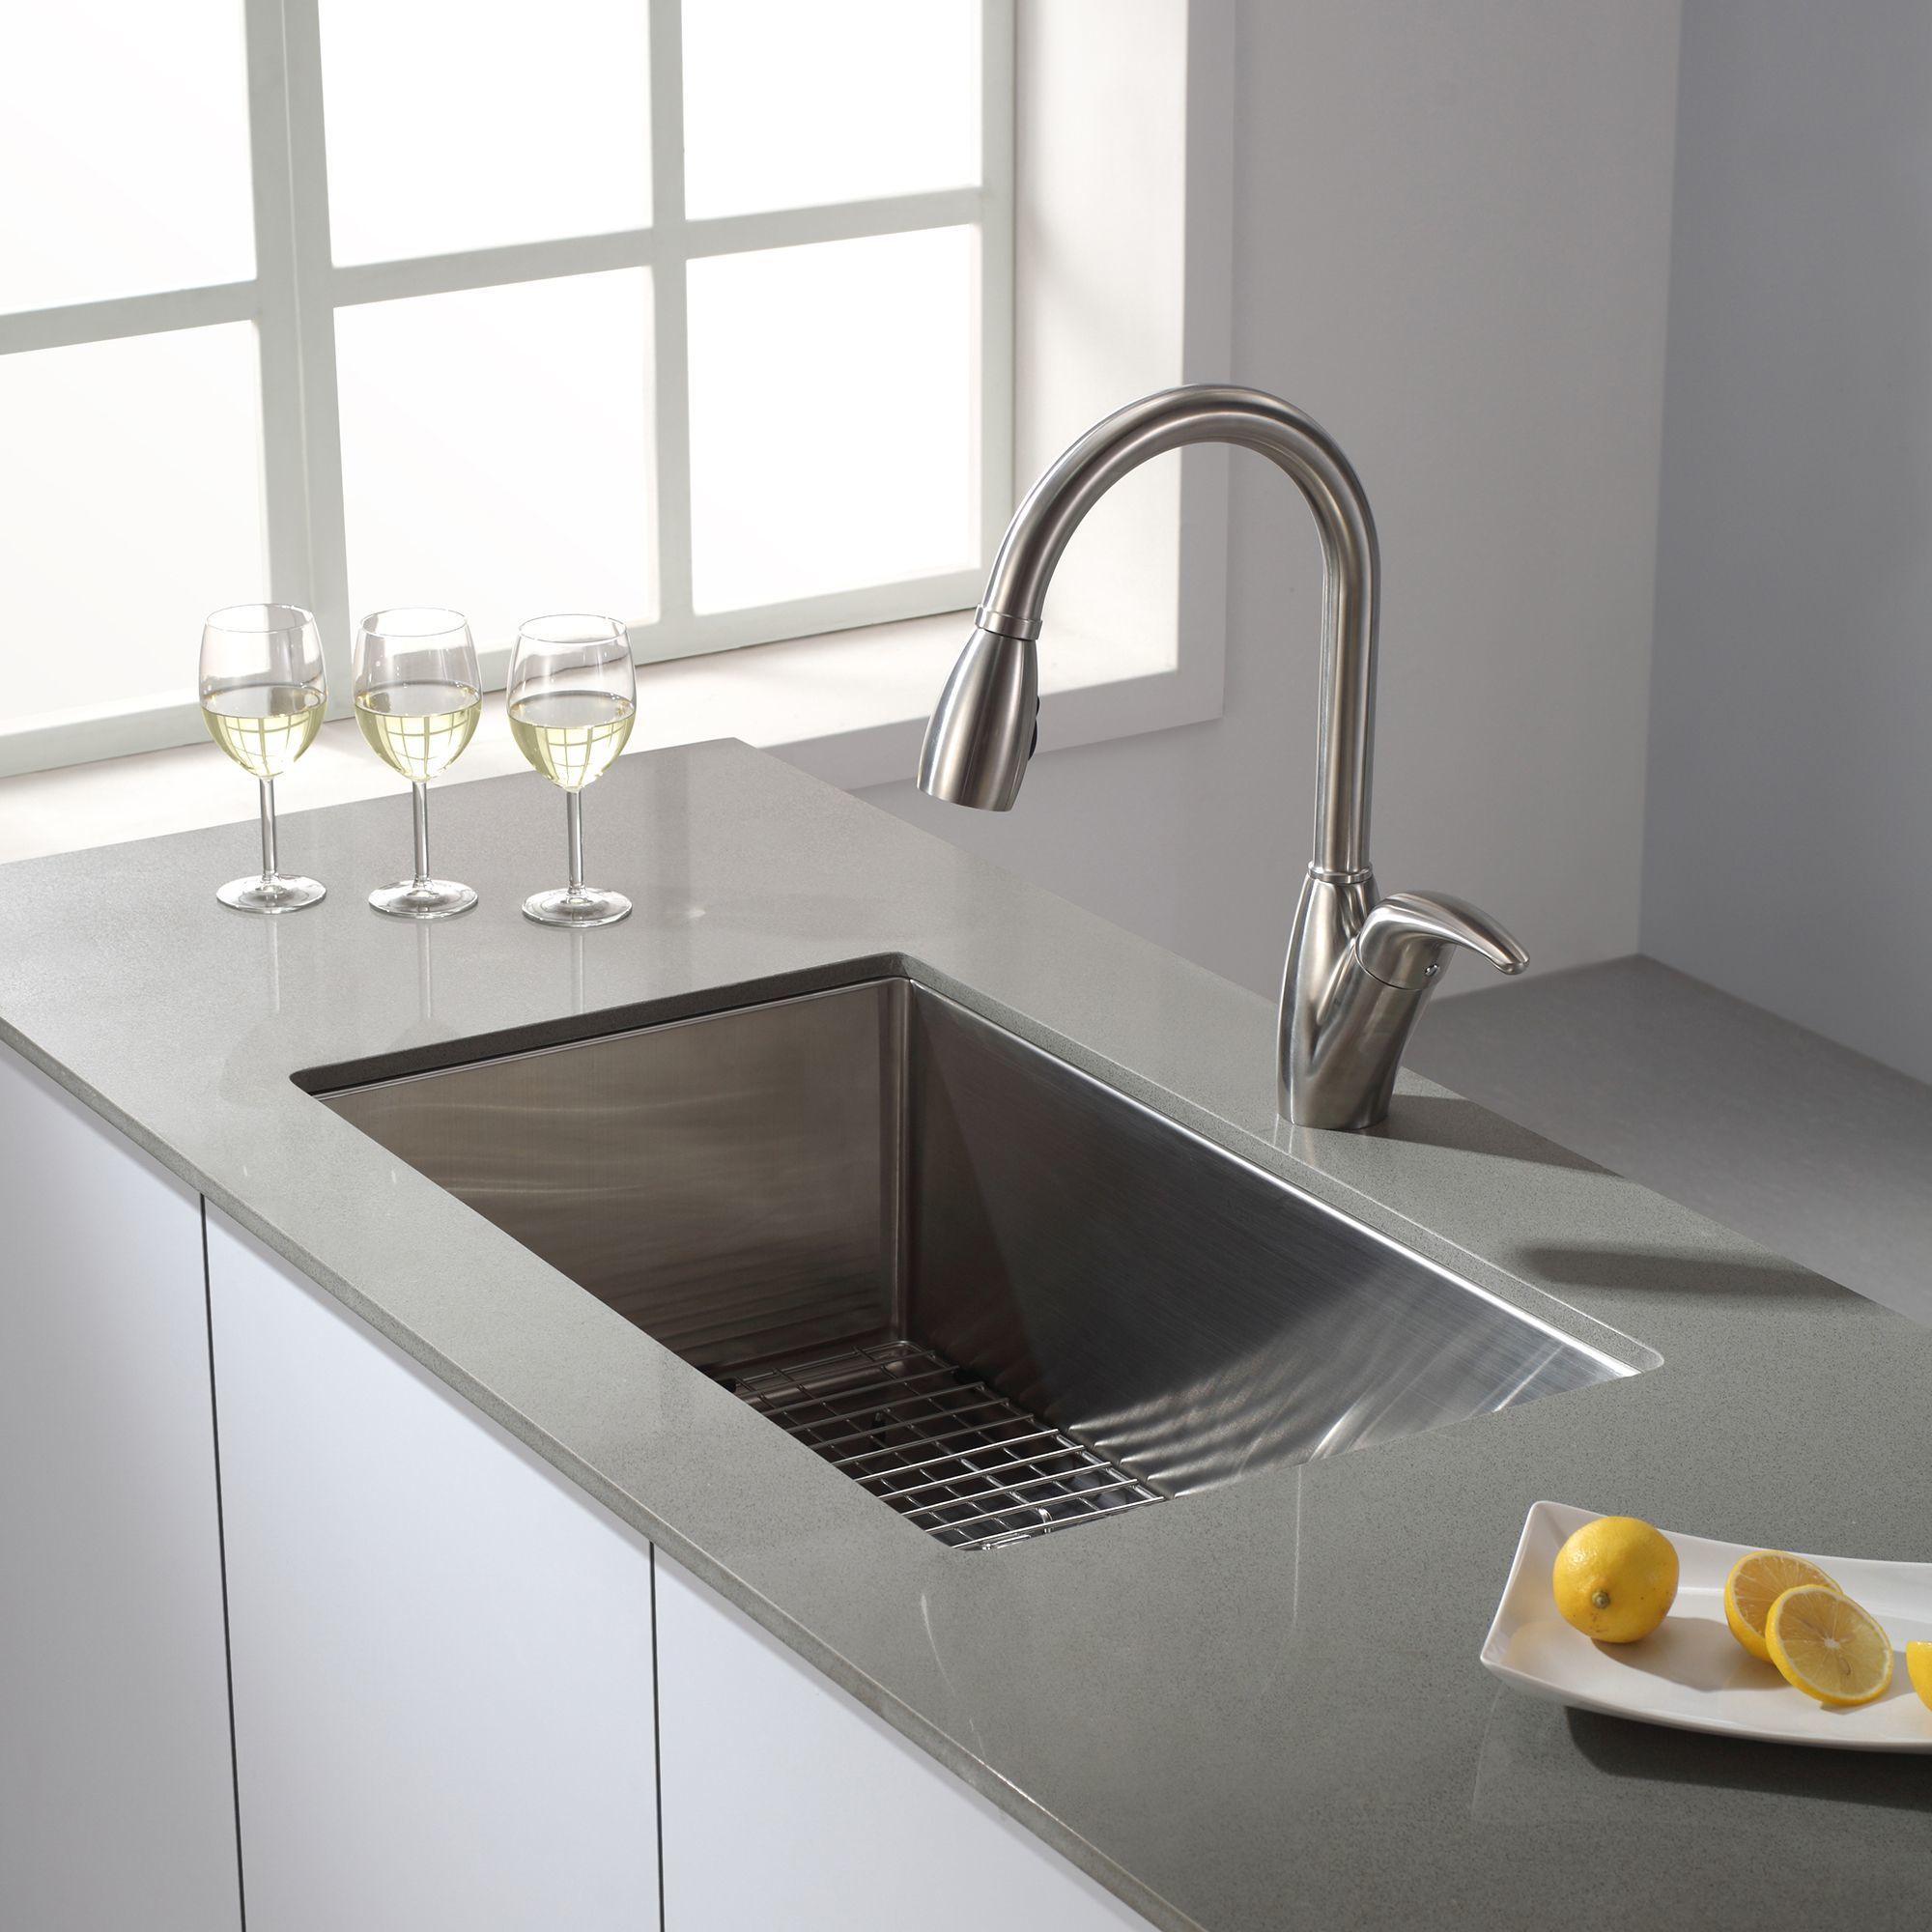 kraus khu100-30 kitchen sink - build